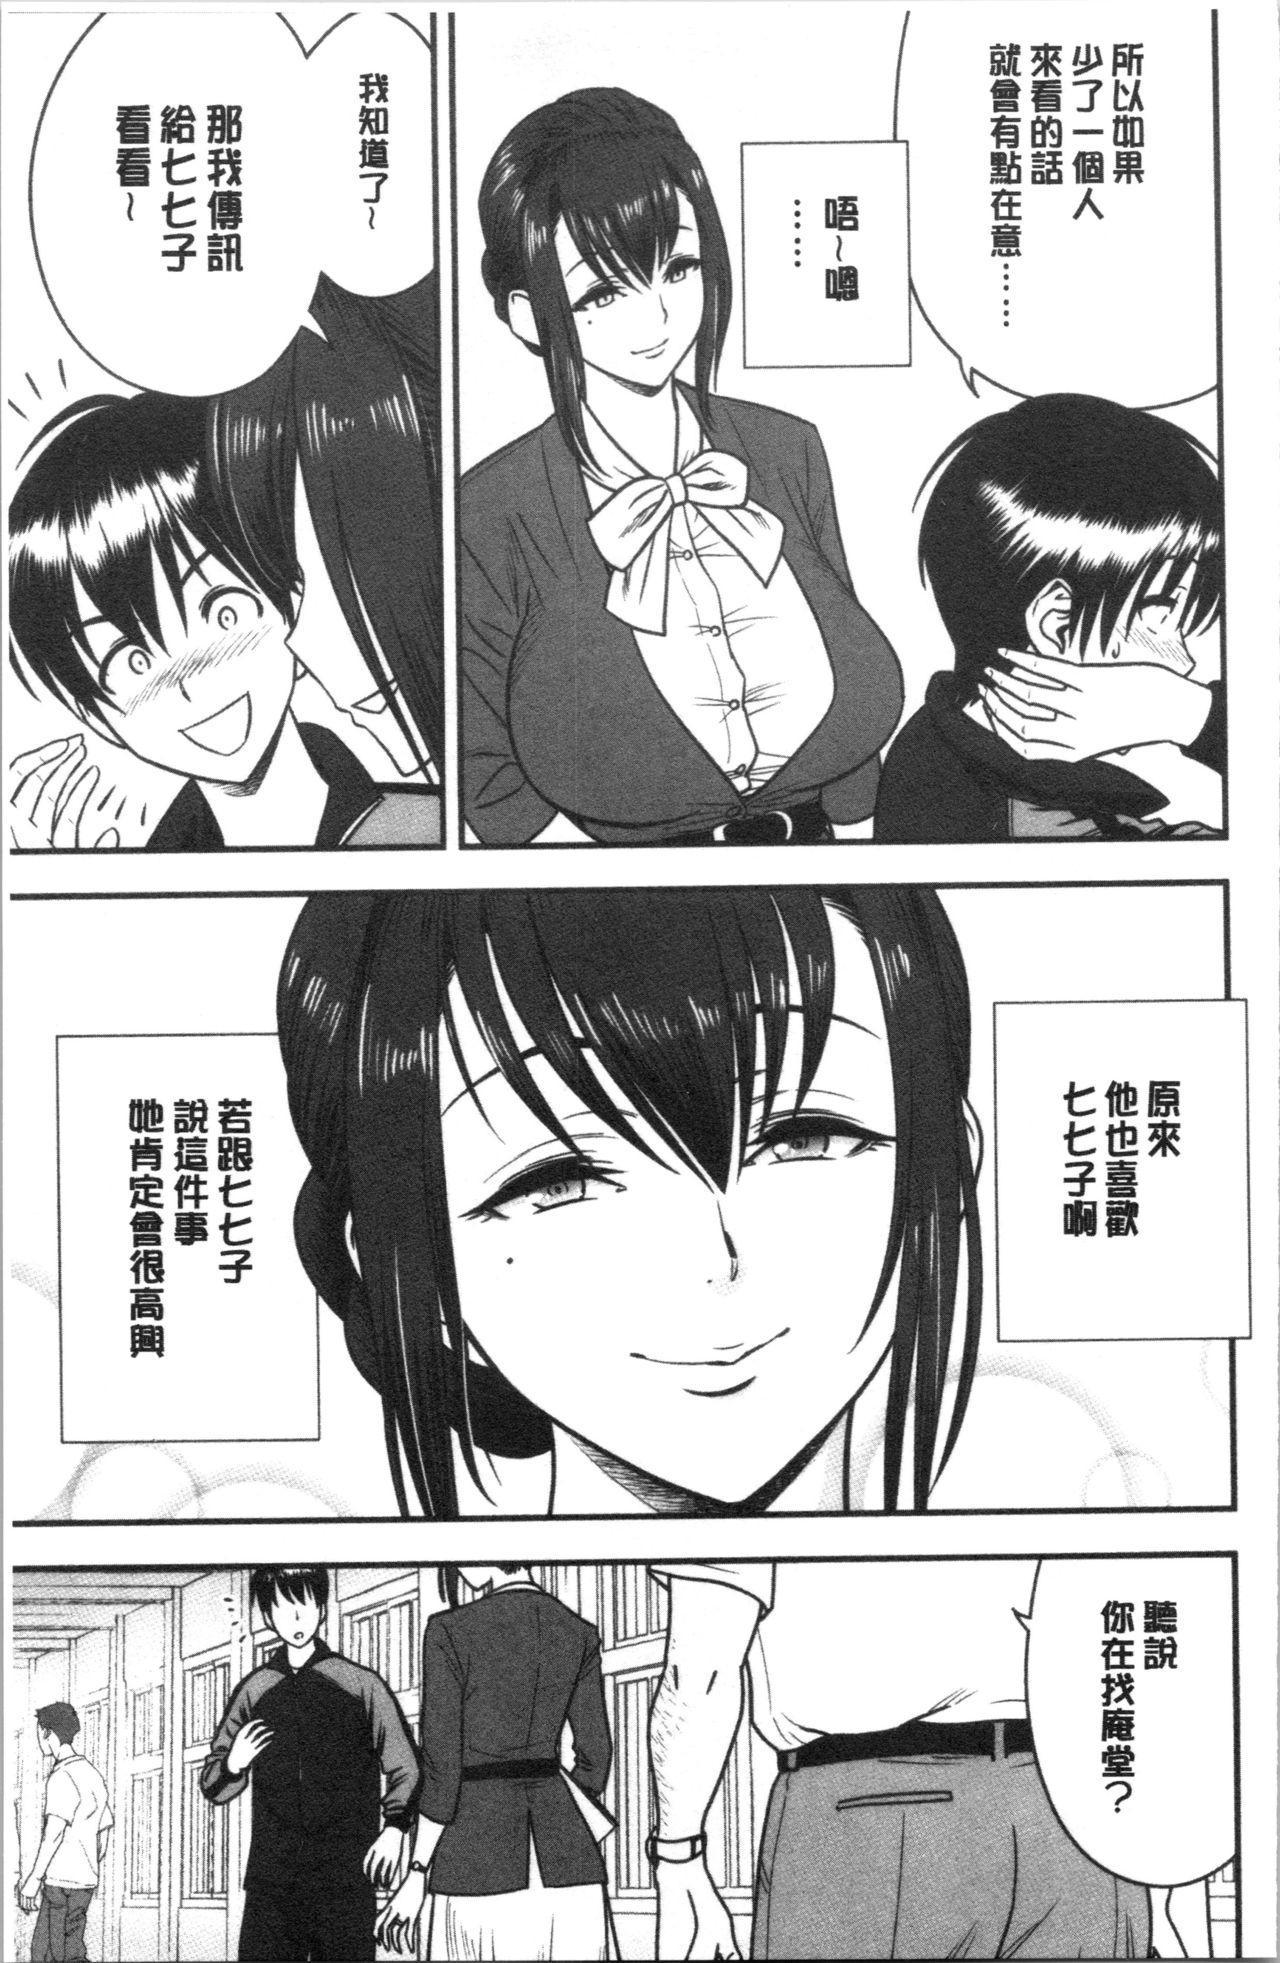 [Tatsunami Youtoku] Dankon Sousai -Hitozuma Kyoushi ga Netorareru made no Kiroku- | 男根想妻 -人妻女教師被寢取偷吃為止的記錄- [Chinese] 111